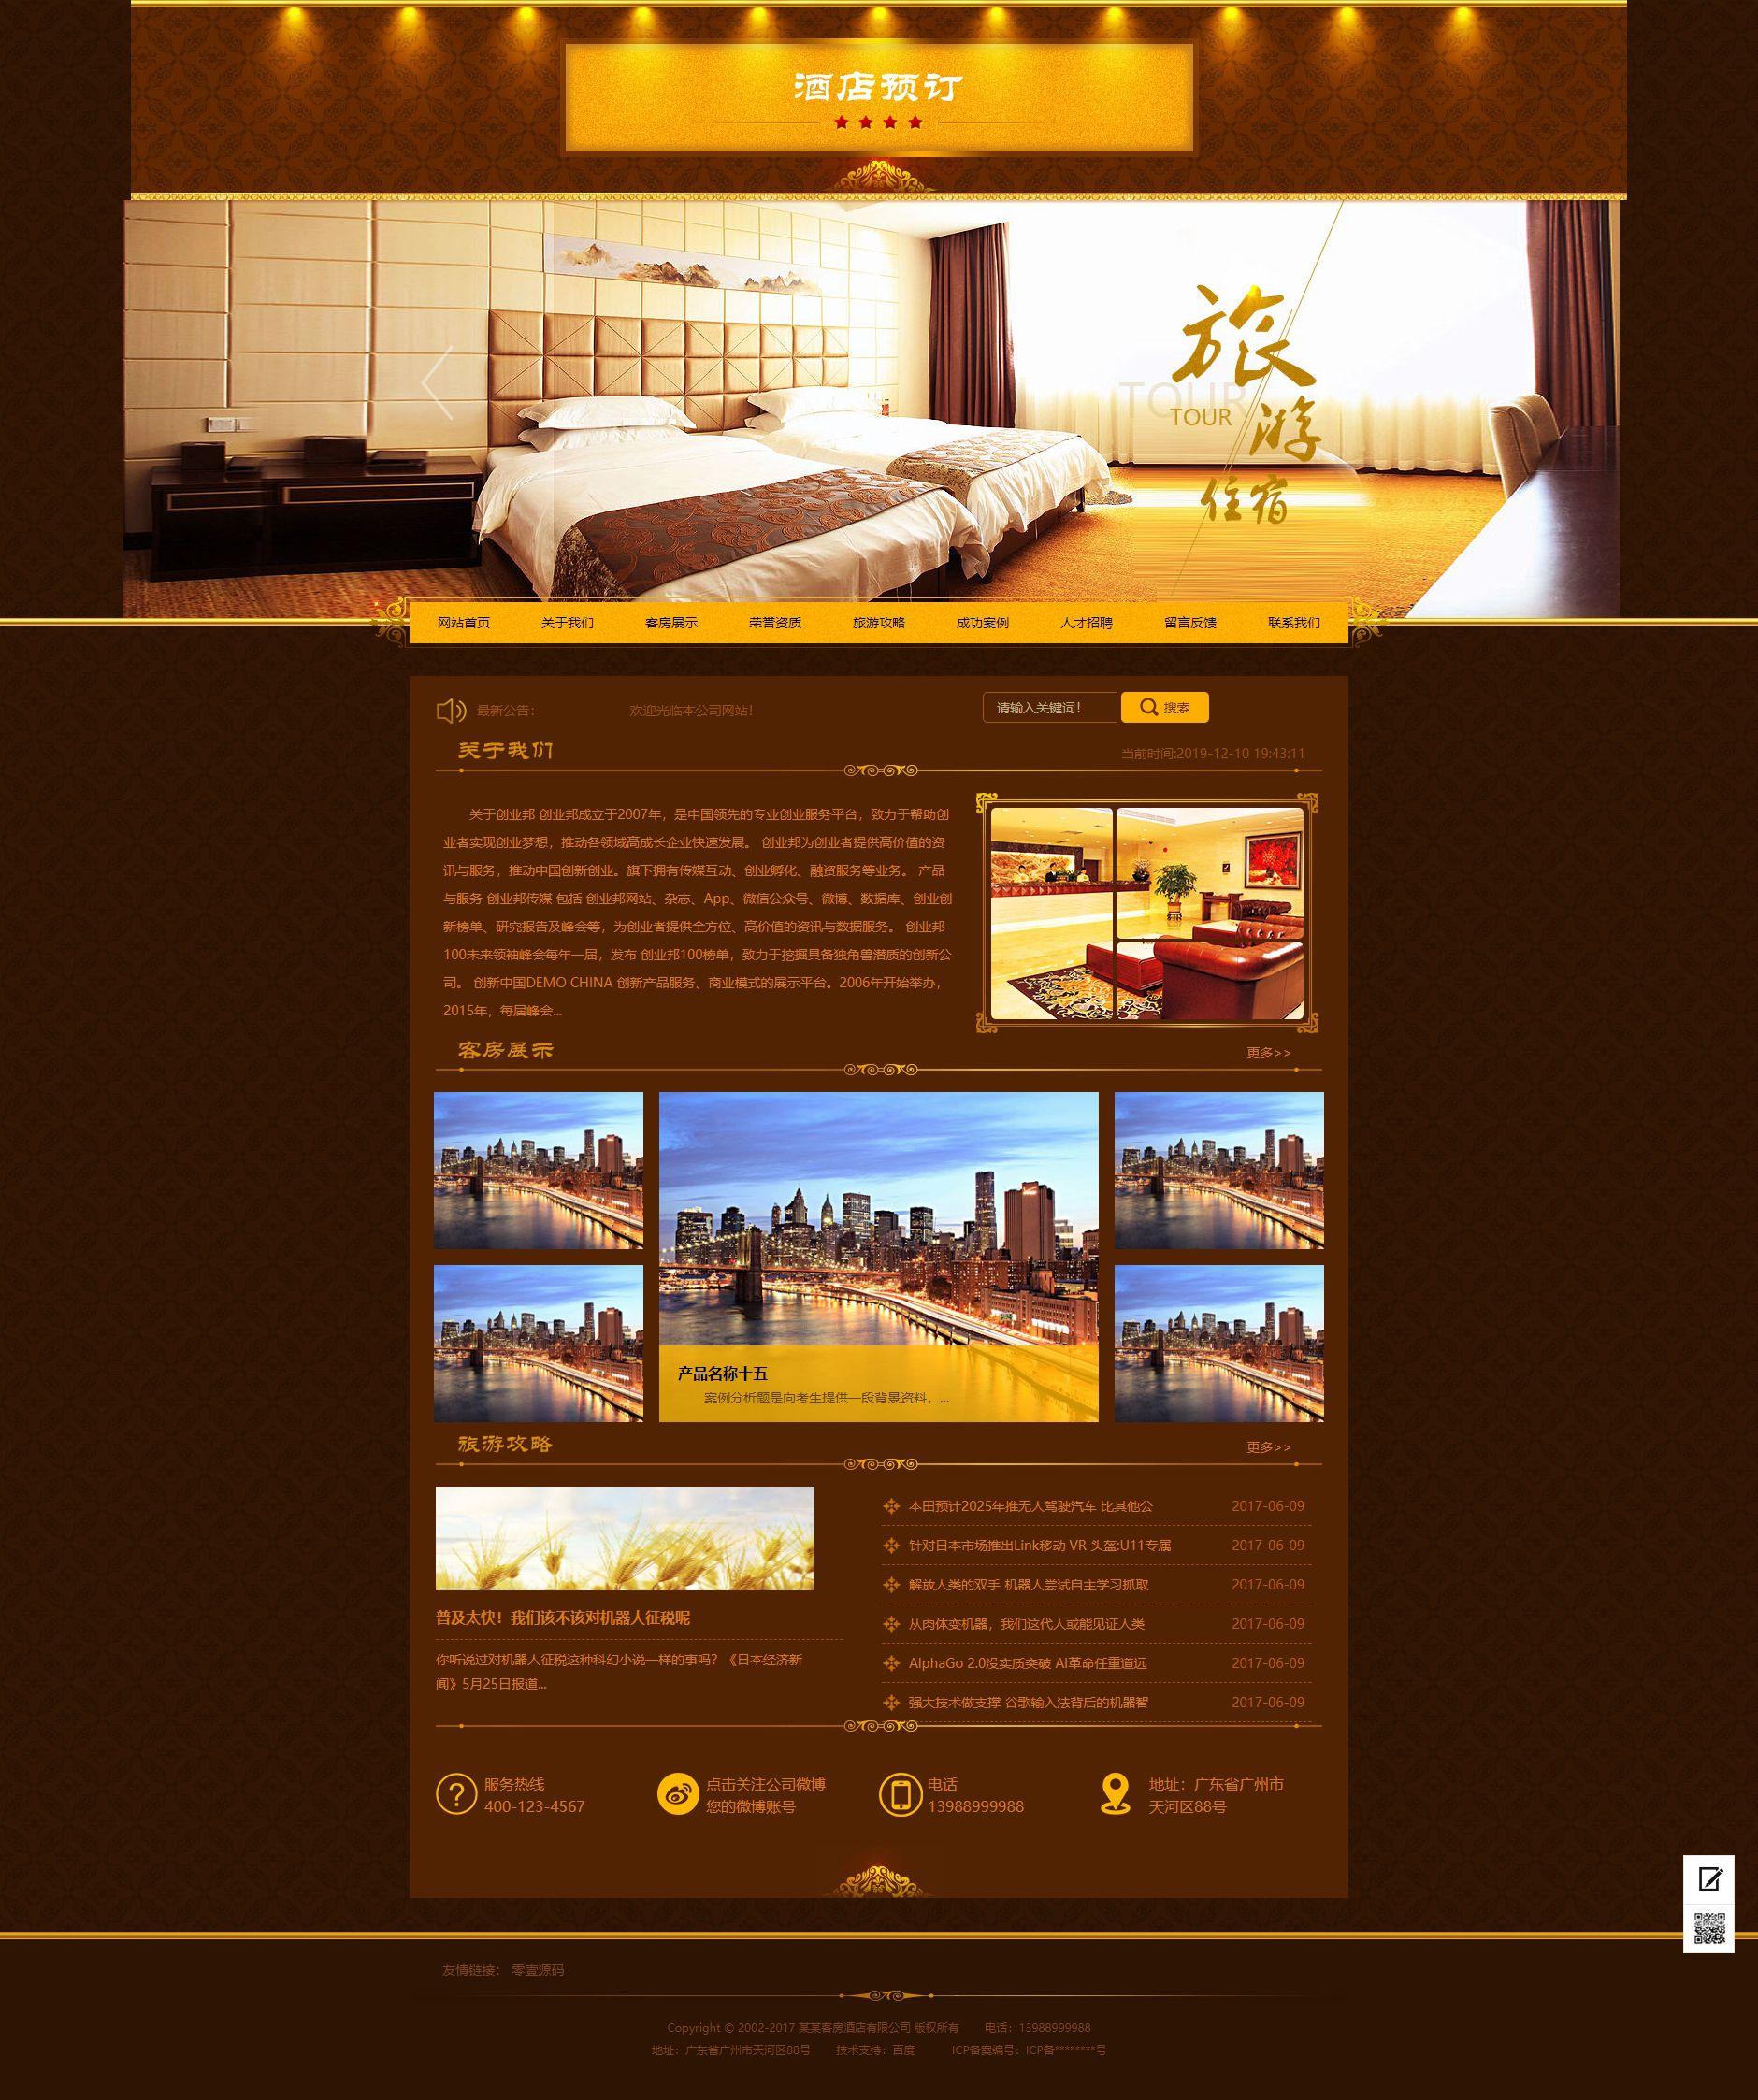 酒店旅馆旅租客房类网站织梦dedecms模板(带手机端)